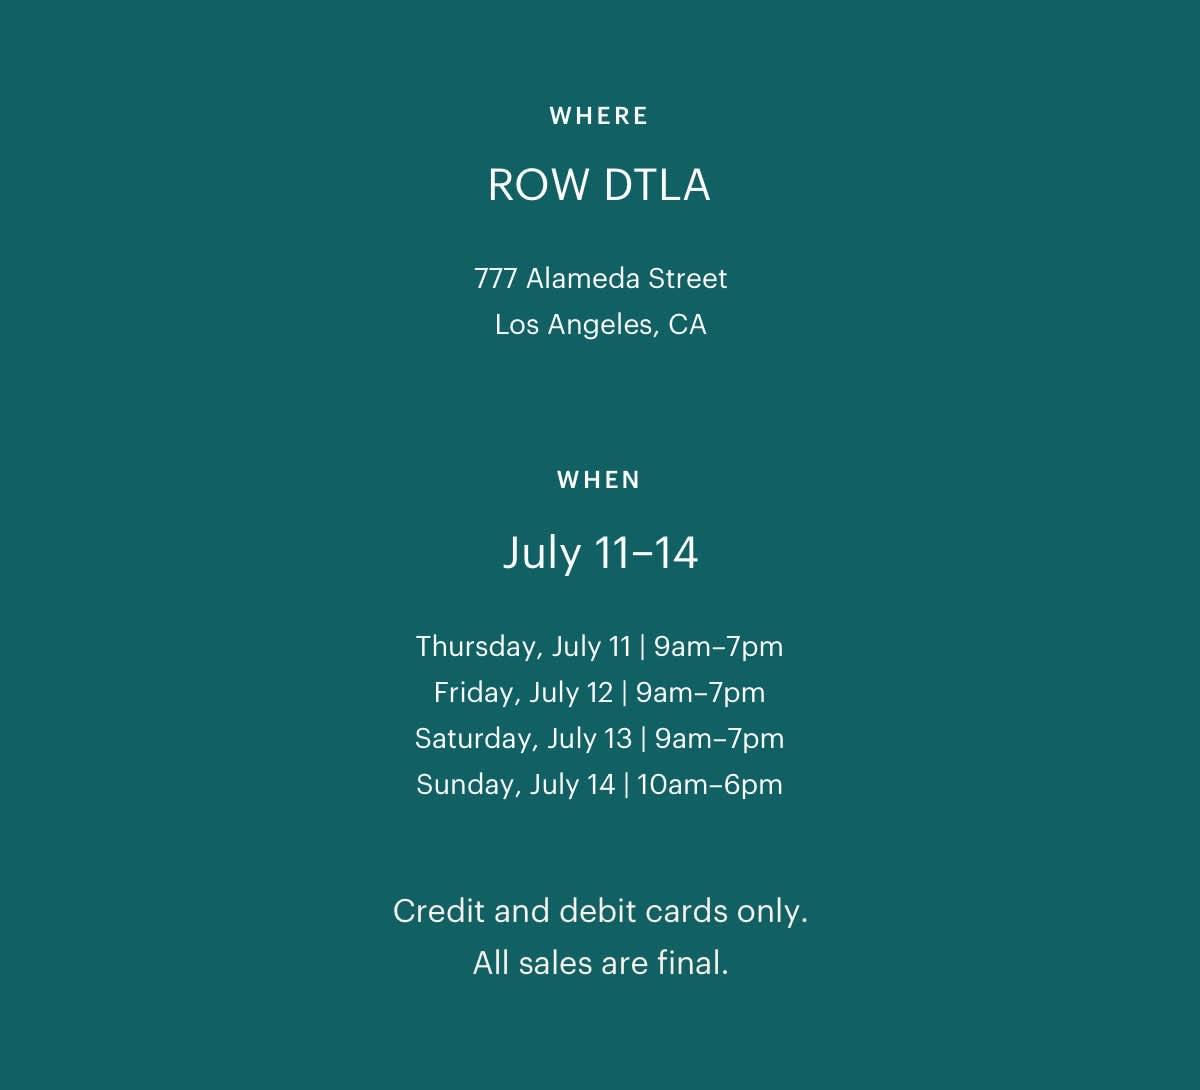 WHERE: ROW DTLA. WHEN: July 11-14